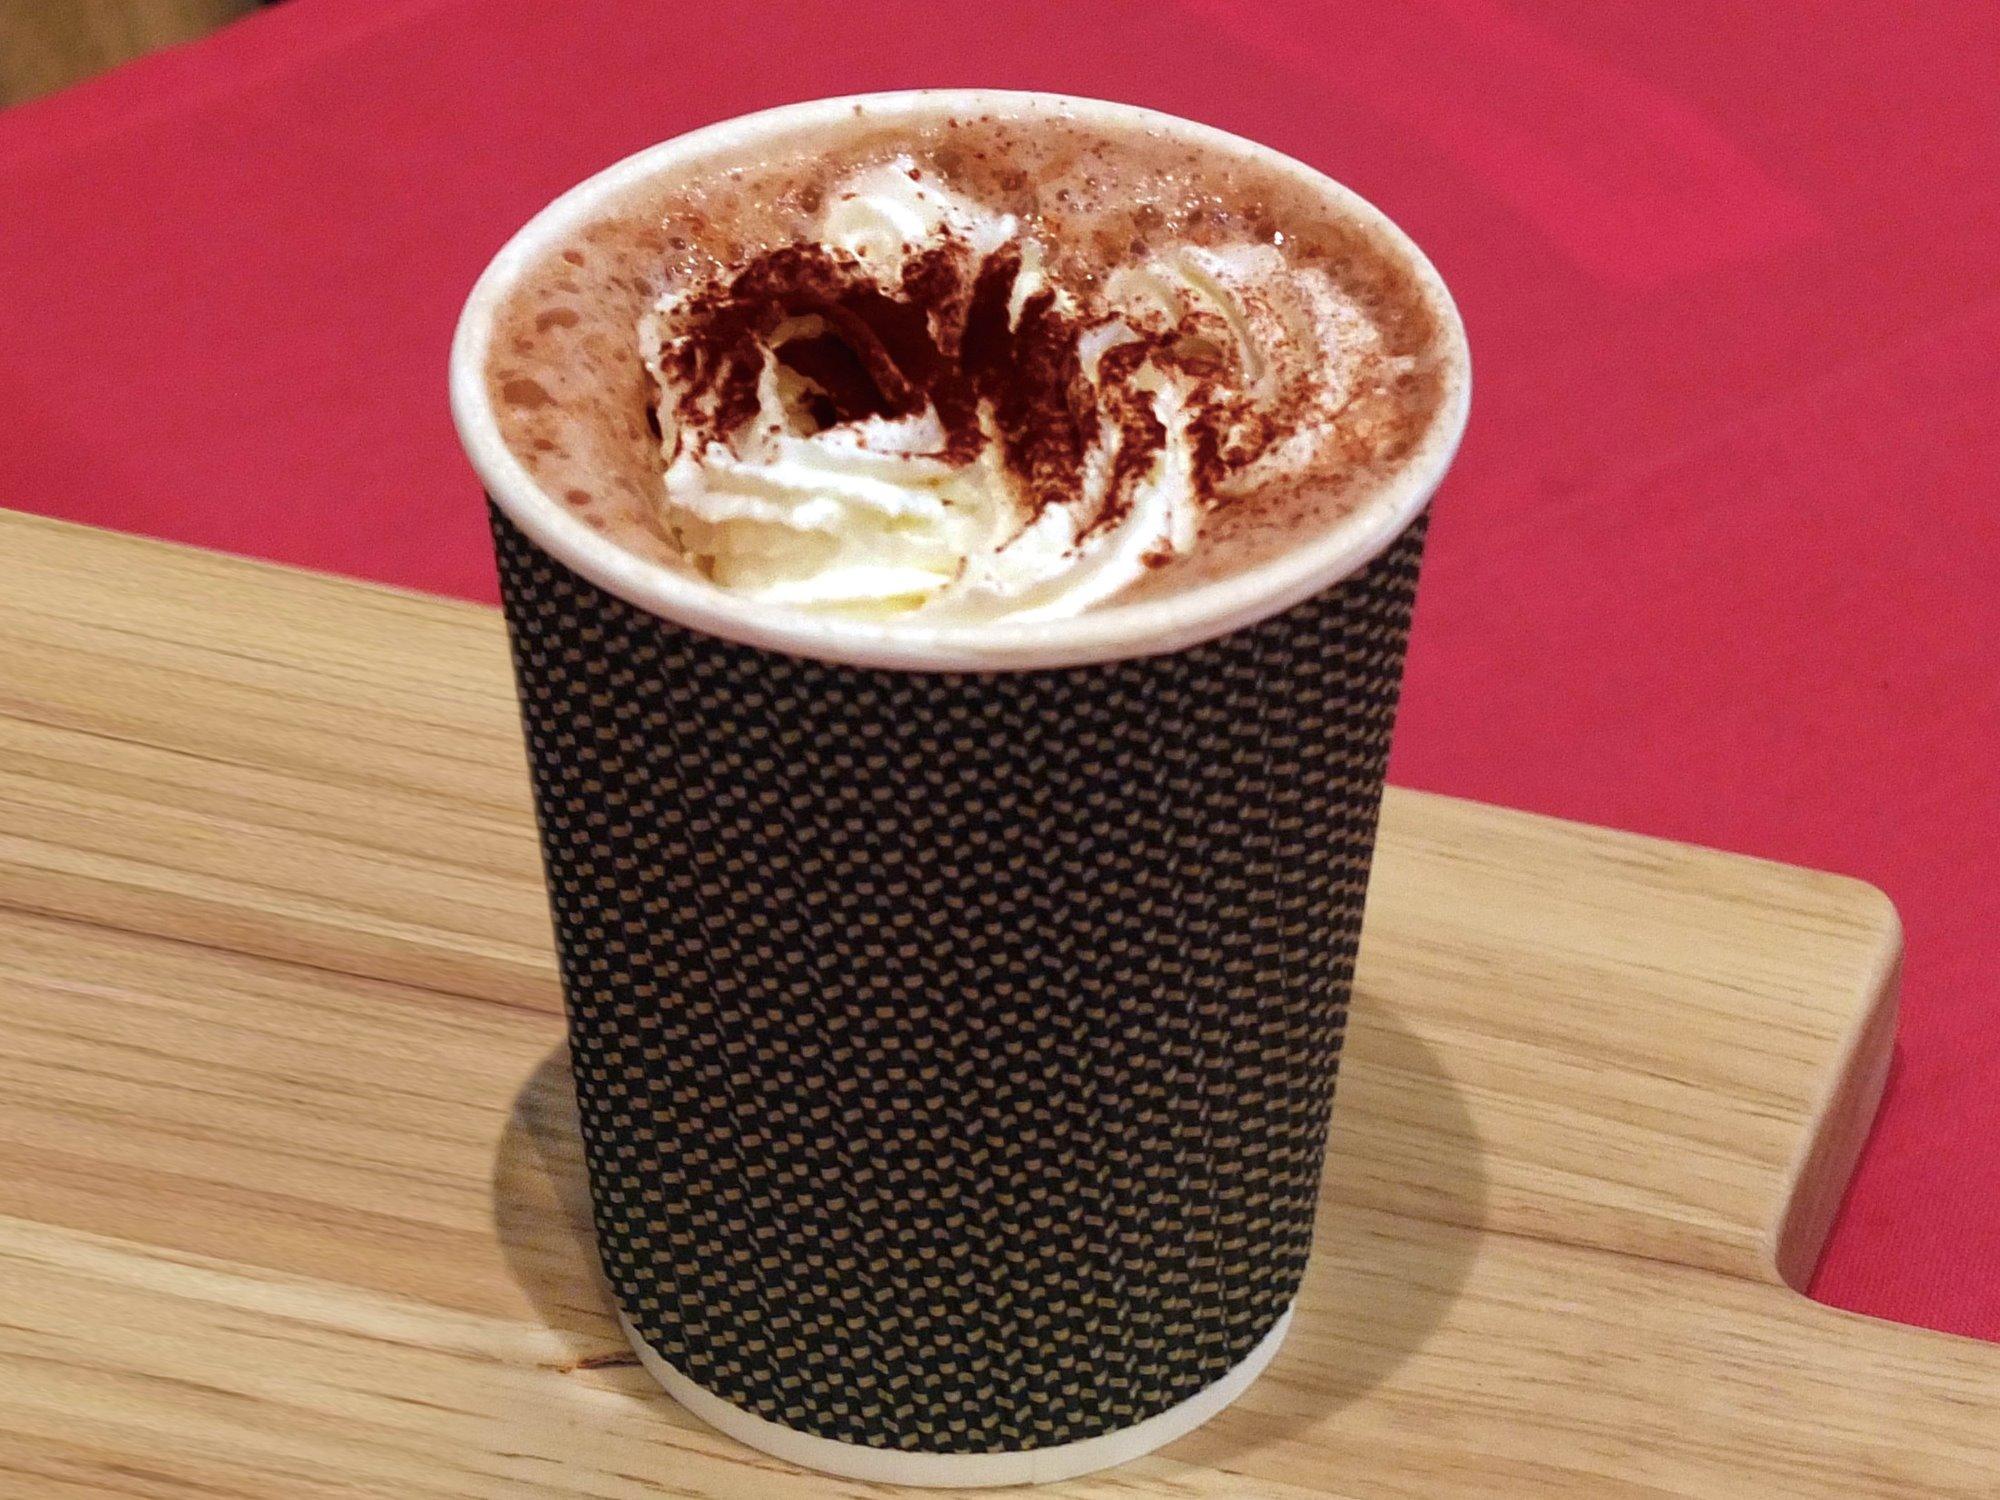 カフェの期間限定メニュー 「ホットチョコレート」